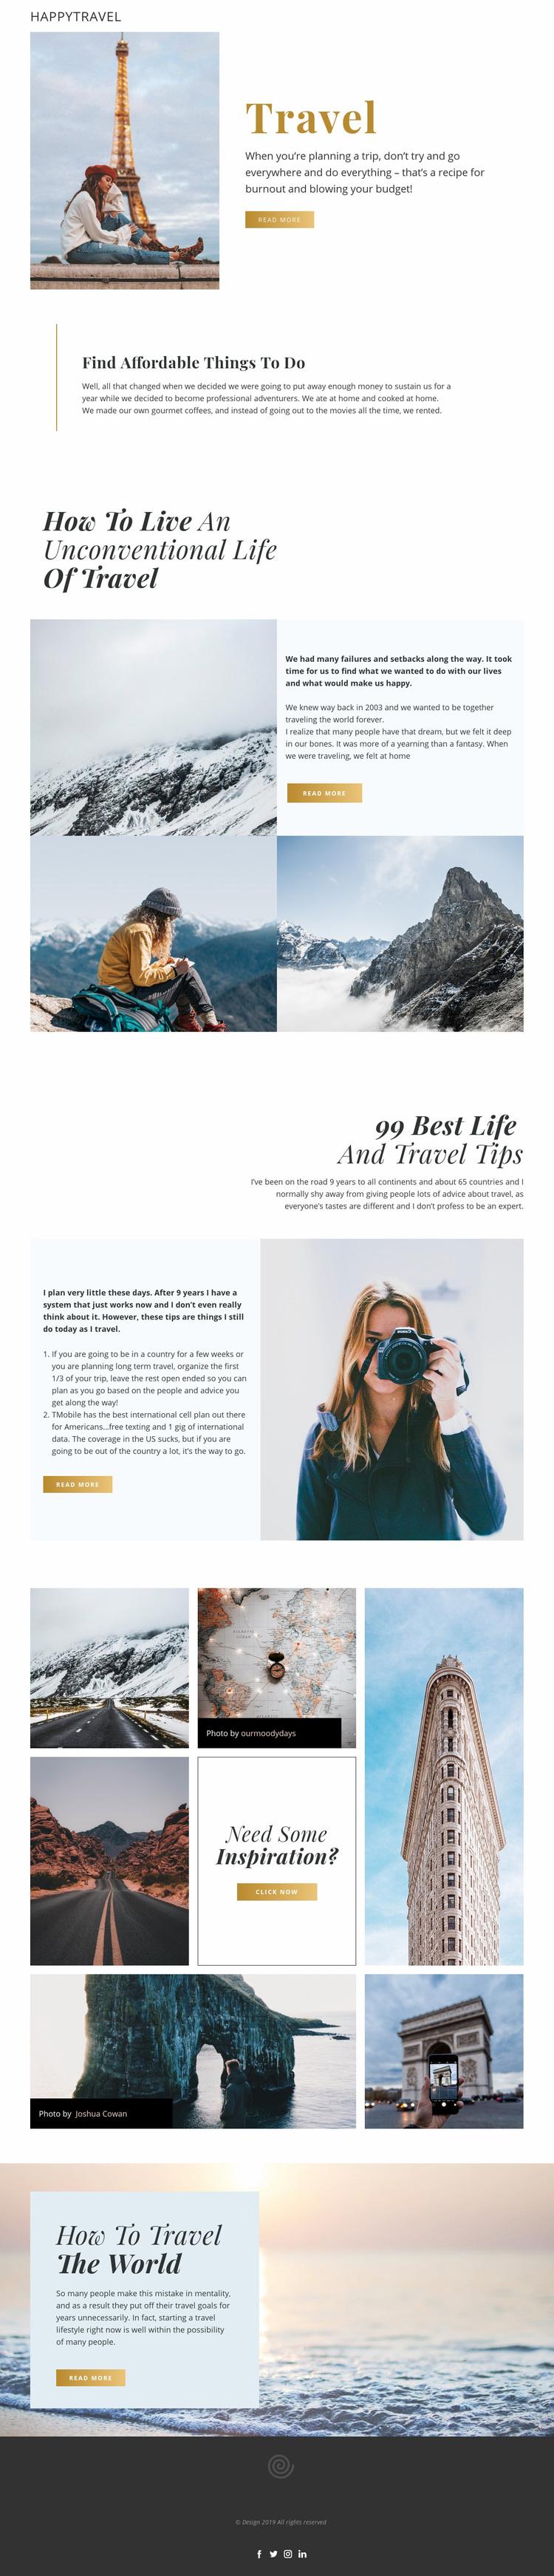 Travel Live Web Page Designer